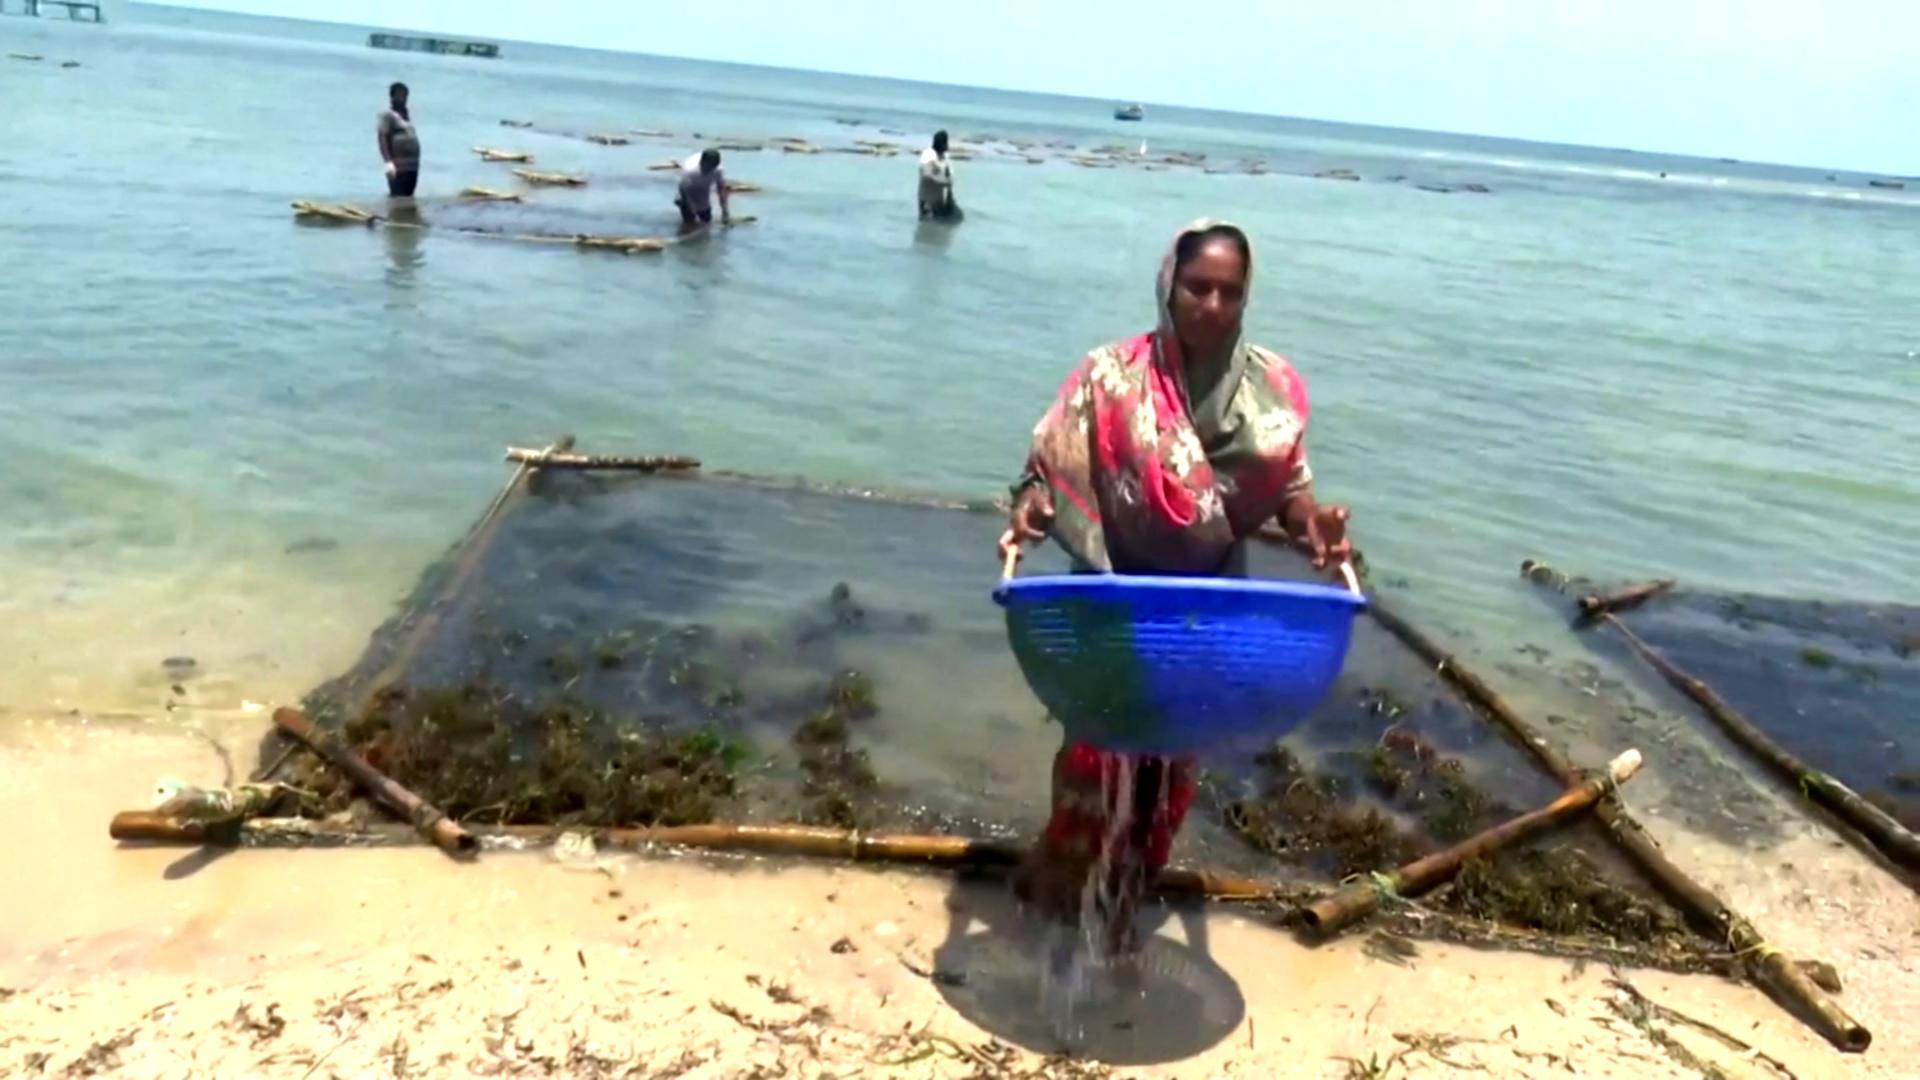 Индийские женщины выращивают морские водоросли и хорошо зарабатывают